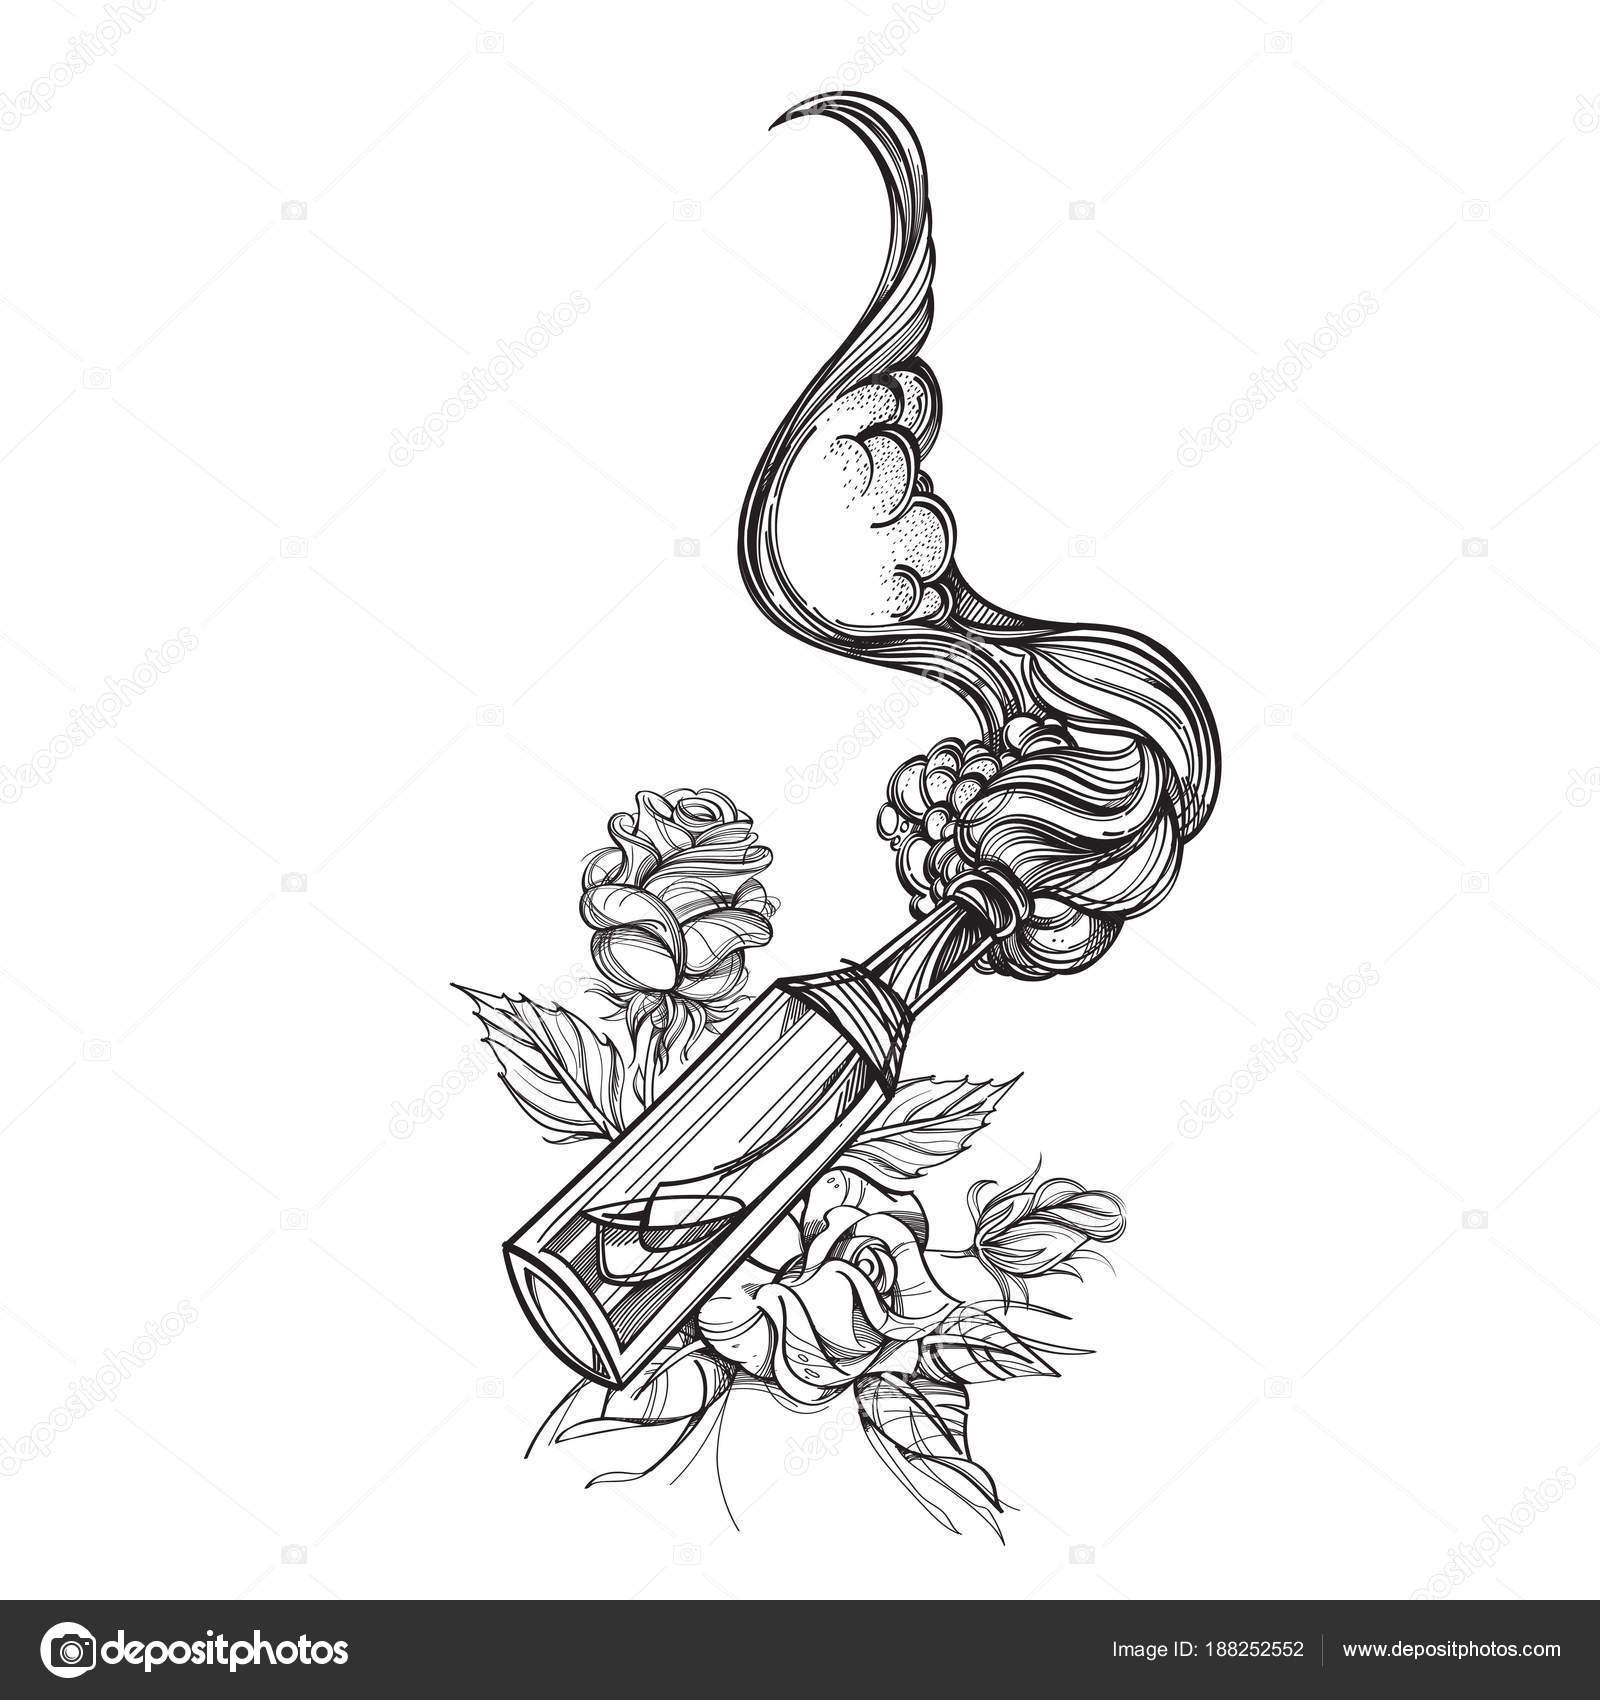 Molotof Kokteyli şişe Boyama Veya Dövme Için çizim çiçek Dağılımı